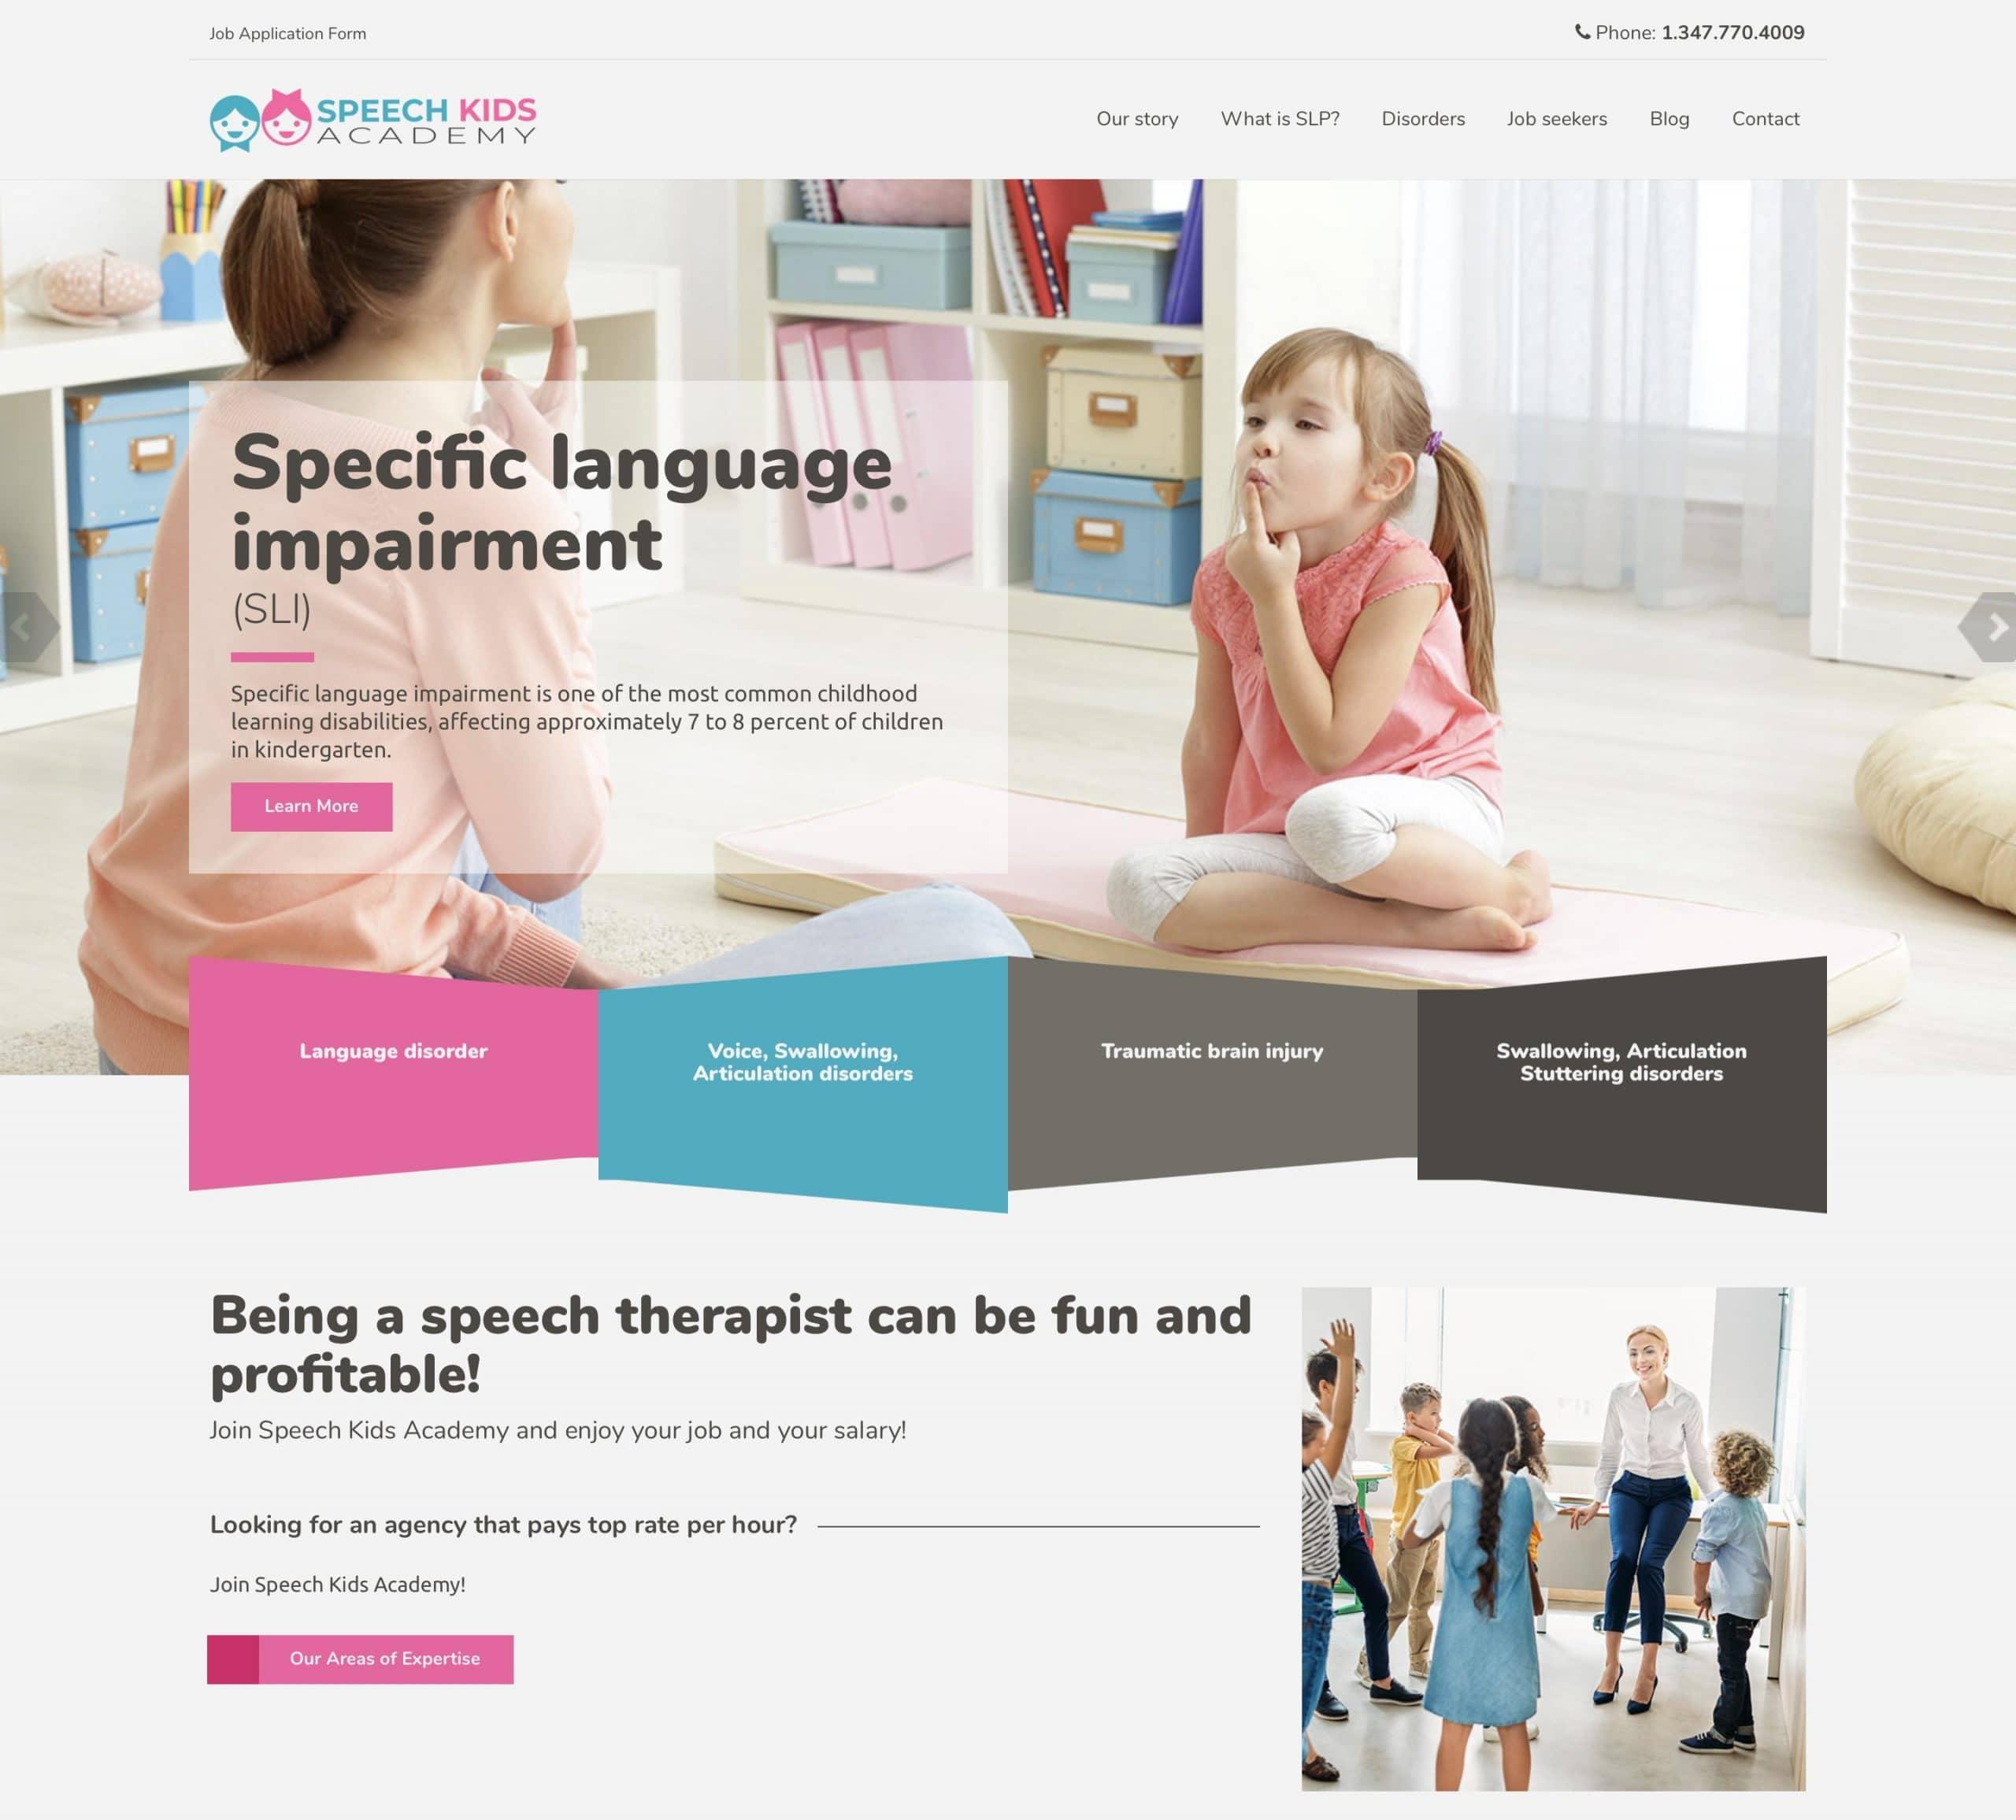 Speech Kids Academy